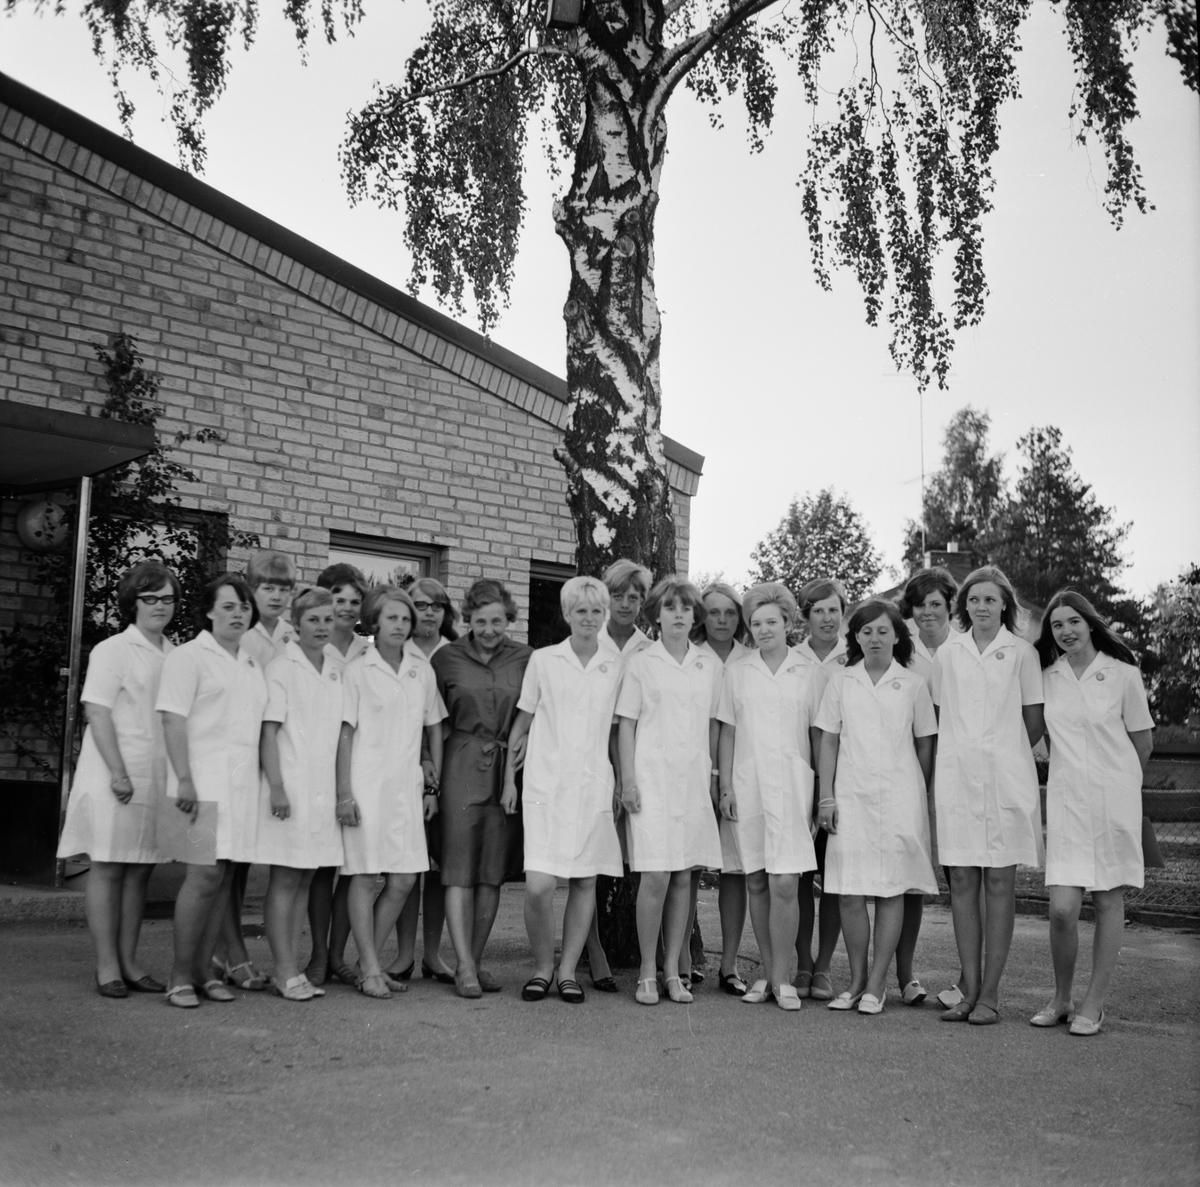 Avslutning sjukvårdsbiträden, sannolikt Tierp, Uppland, juni 1968